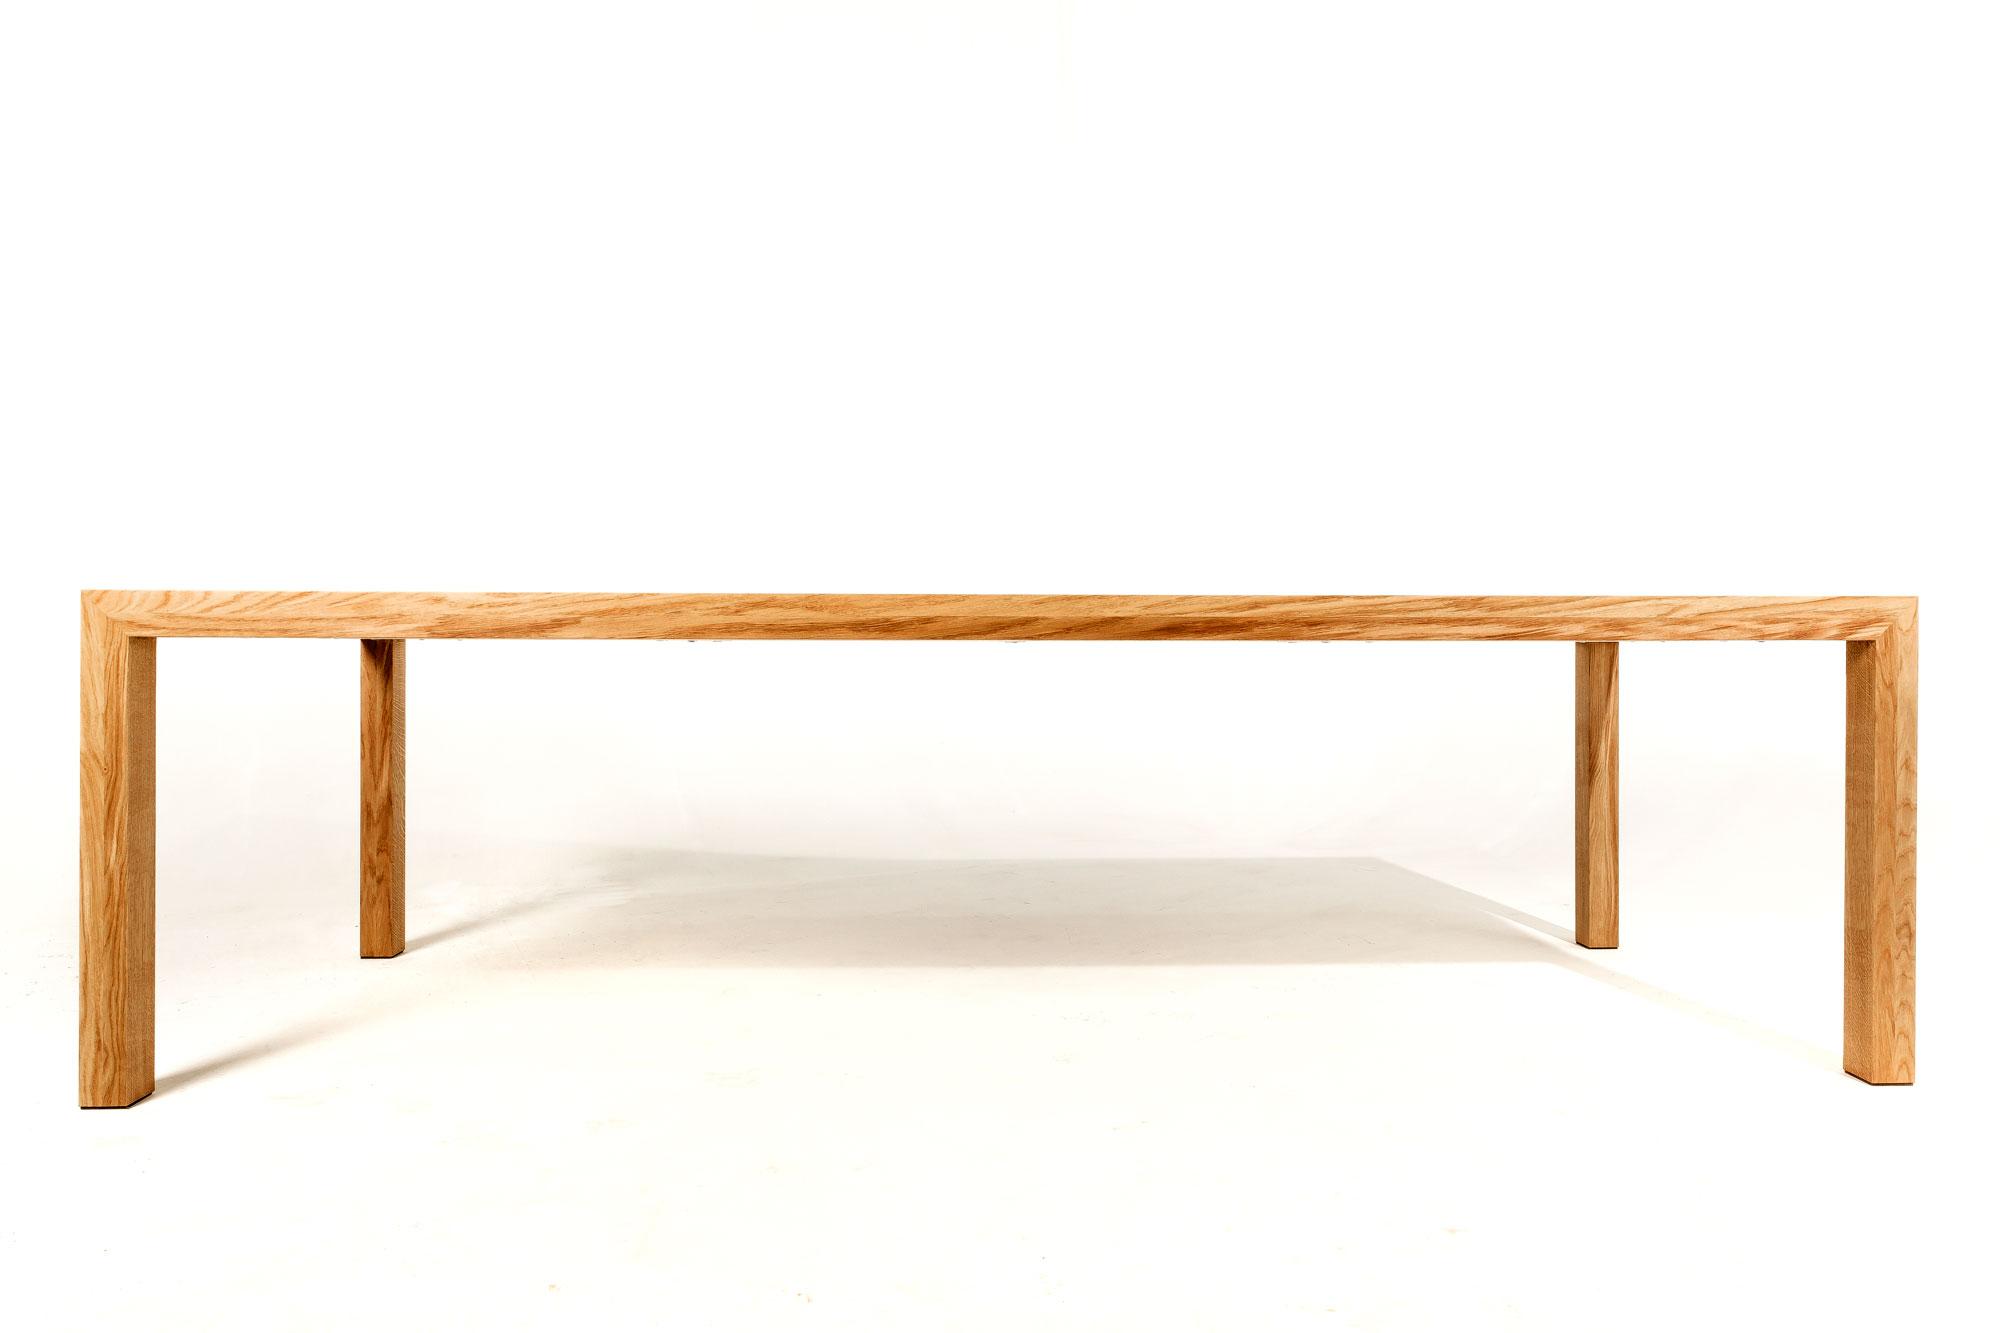 Massief eiken houten tafel strak en slank op maat gemaakt for Eiken tafel